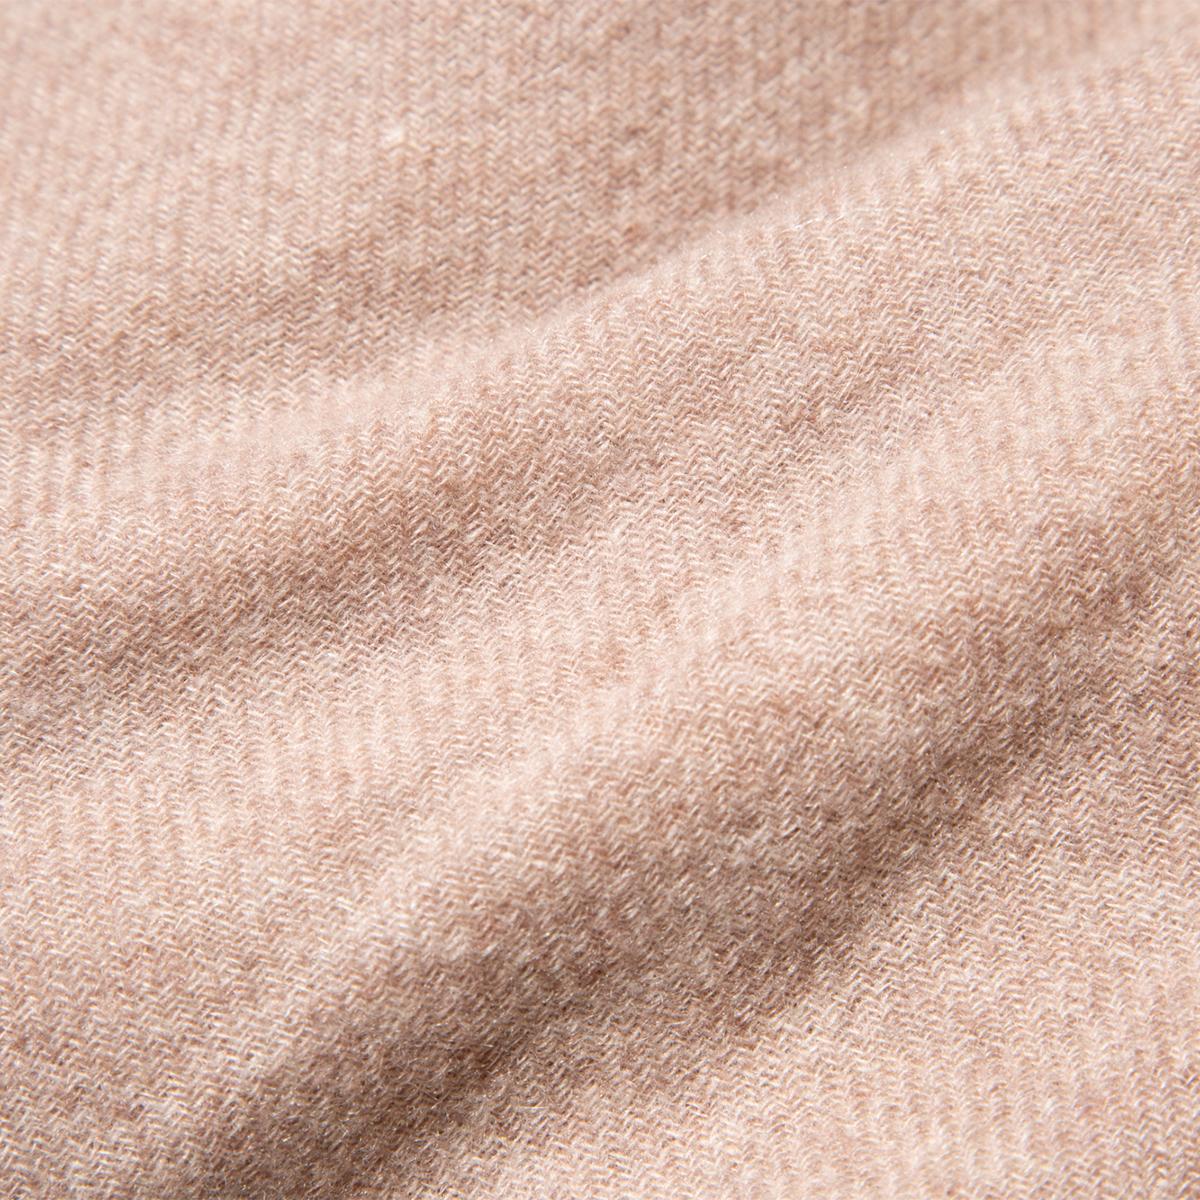 薄くて軽いのに暖かい(温かい)。たっぷり空気を含んだ、フワッフワの『curumカシミヤストール』。超大判カシミアストール|ADOS(エイドス)curum